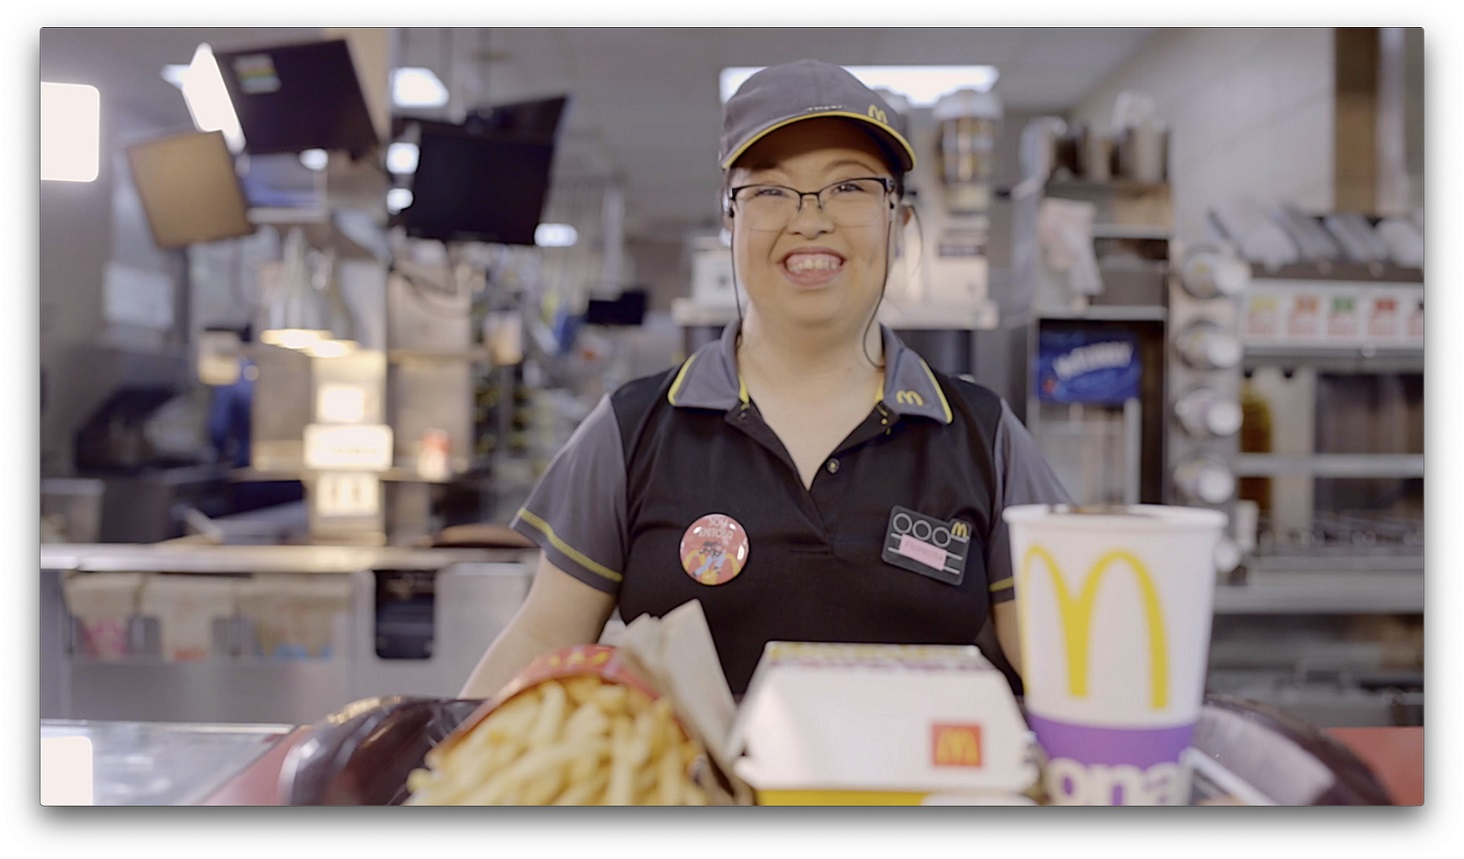 McDonald's brinda oportunidad de empleo a personas con habilidades distintas desde hace 29 años